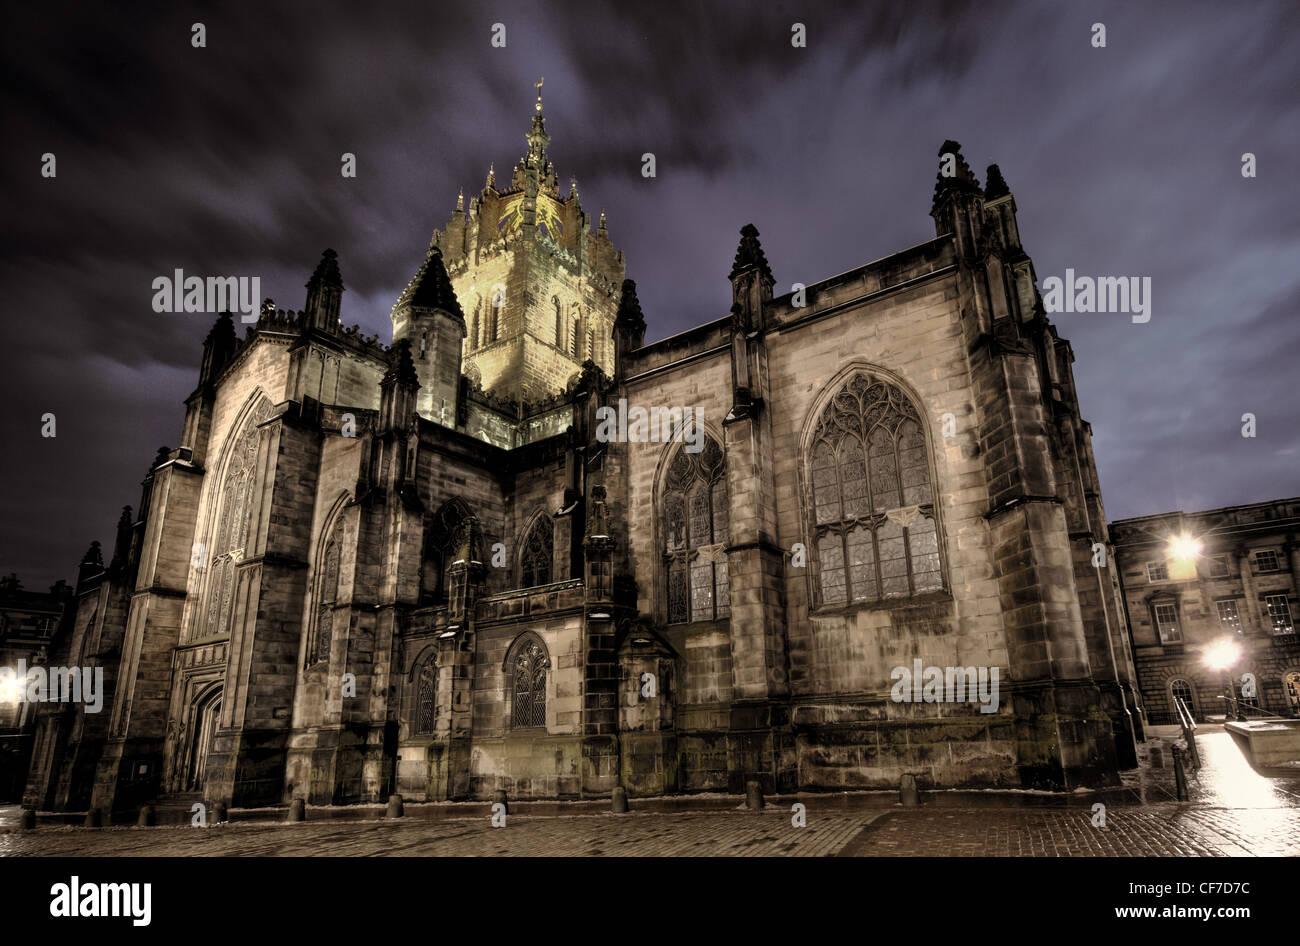 Laden Sie dieses Alamy Stockfoto St. Saint Giles Kathedrale High Kirk of Edinburgh in der Abenddämmerung, Schottland @HotpixUK - CF7D7C